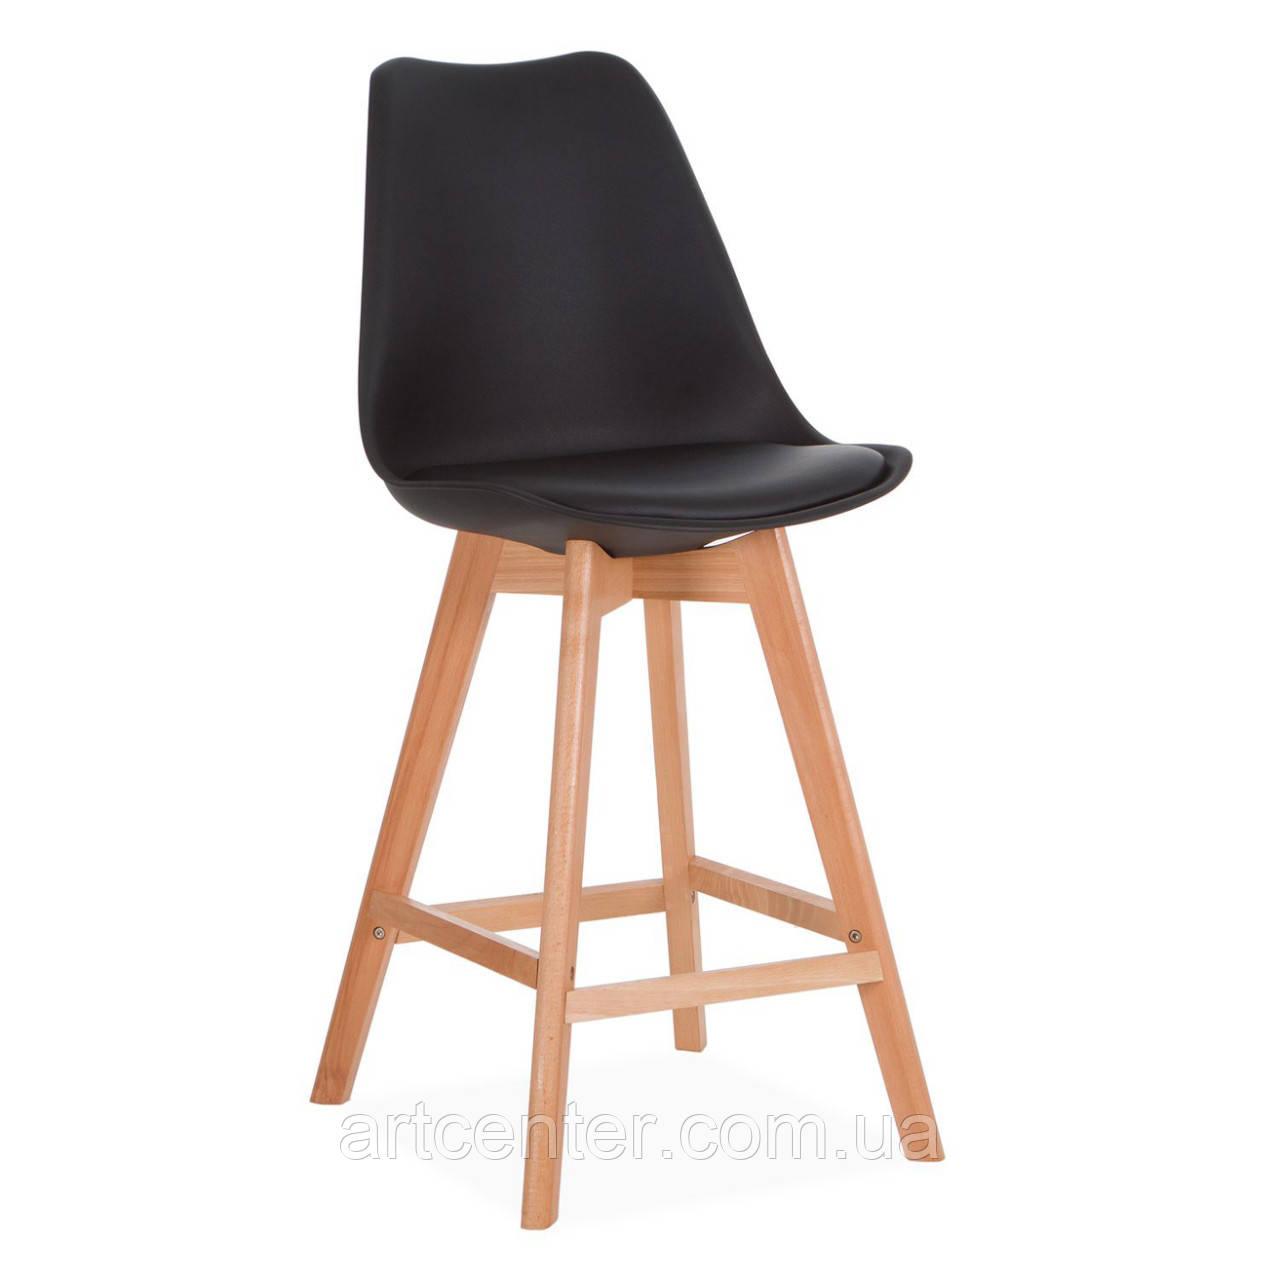 Стул для визажиста, стул для бара, стул для администратора, стул для кассира (ЭЛИОС черный)